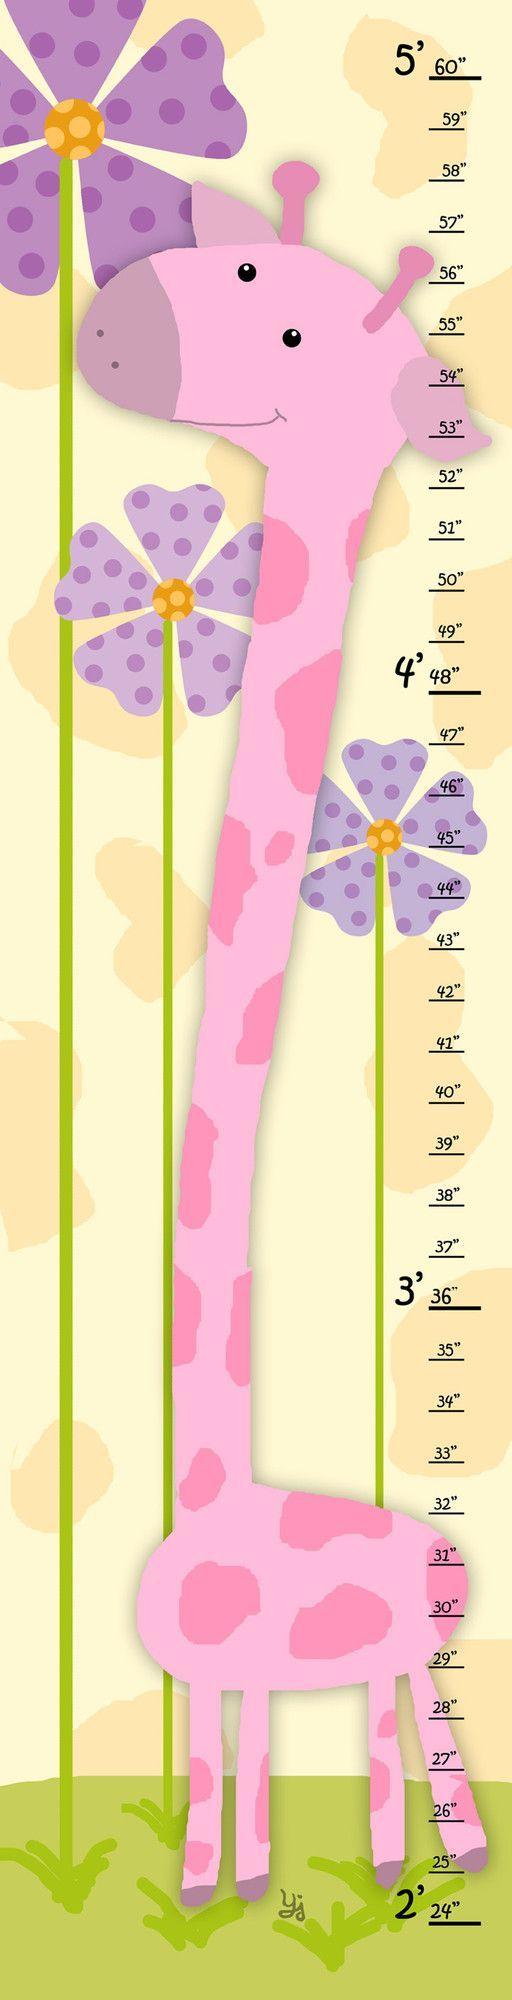 Pink Giraffe Growth Chart | KIDS ART | Pinterest | Pink giraffe ...